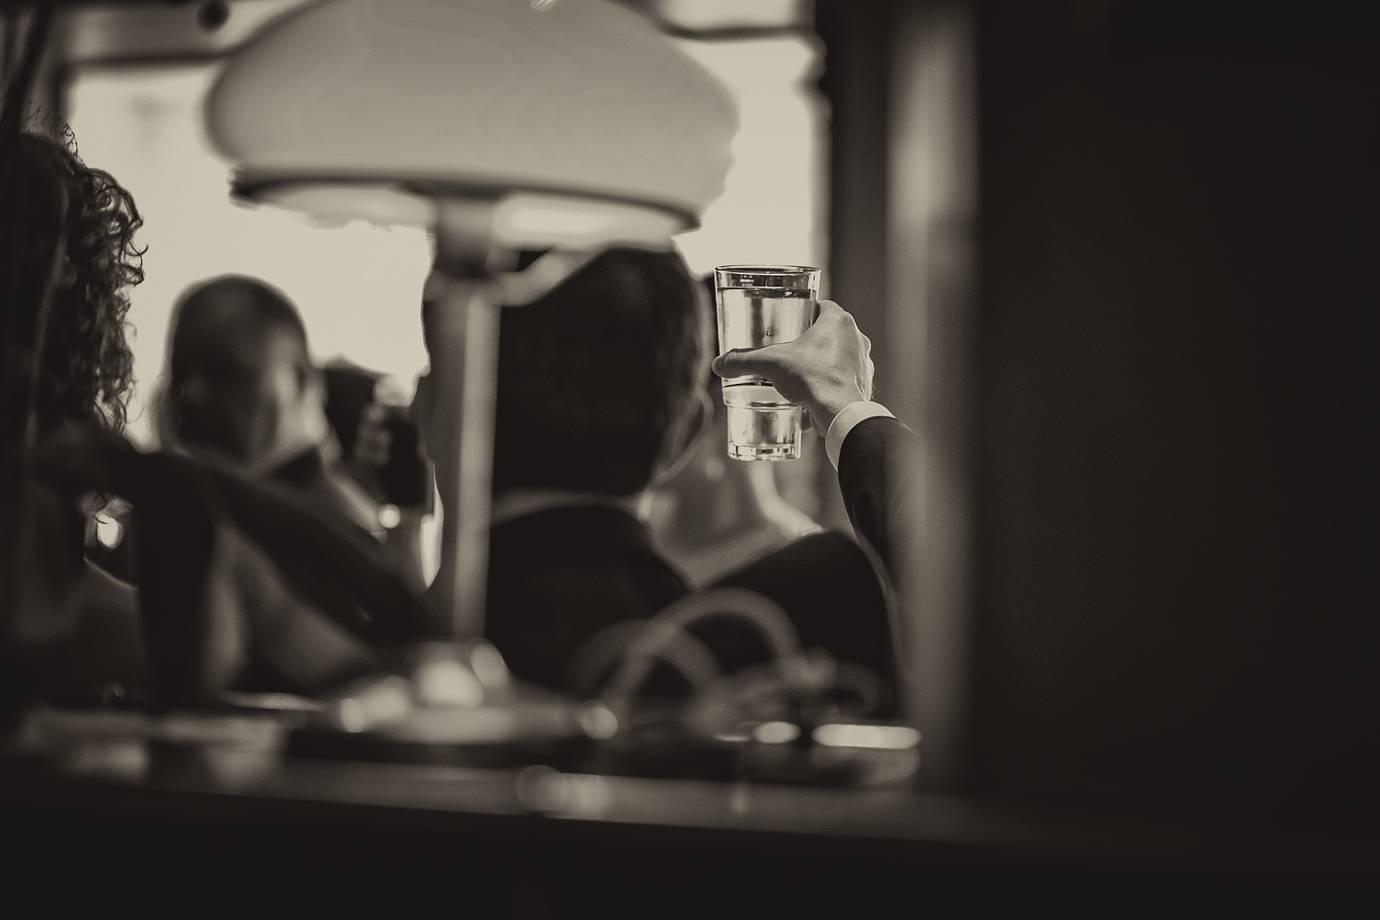 hochzeitsfotograf bremer rathaus 076 - Christine+Rico